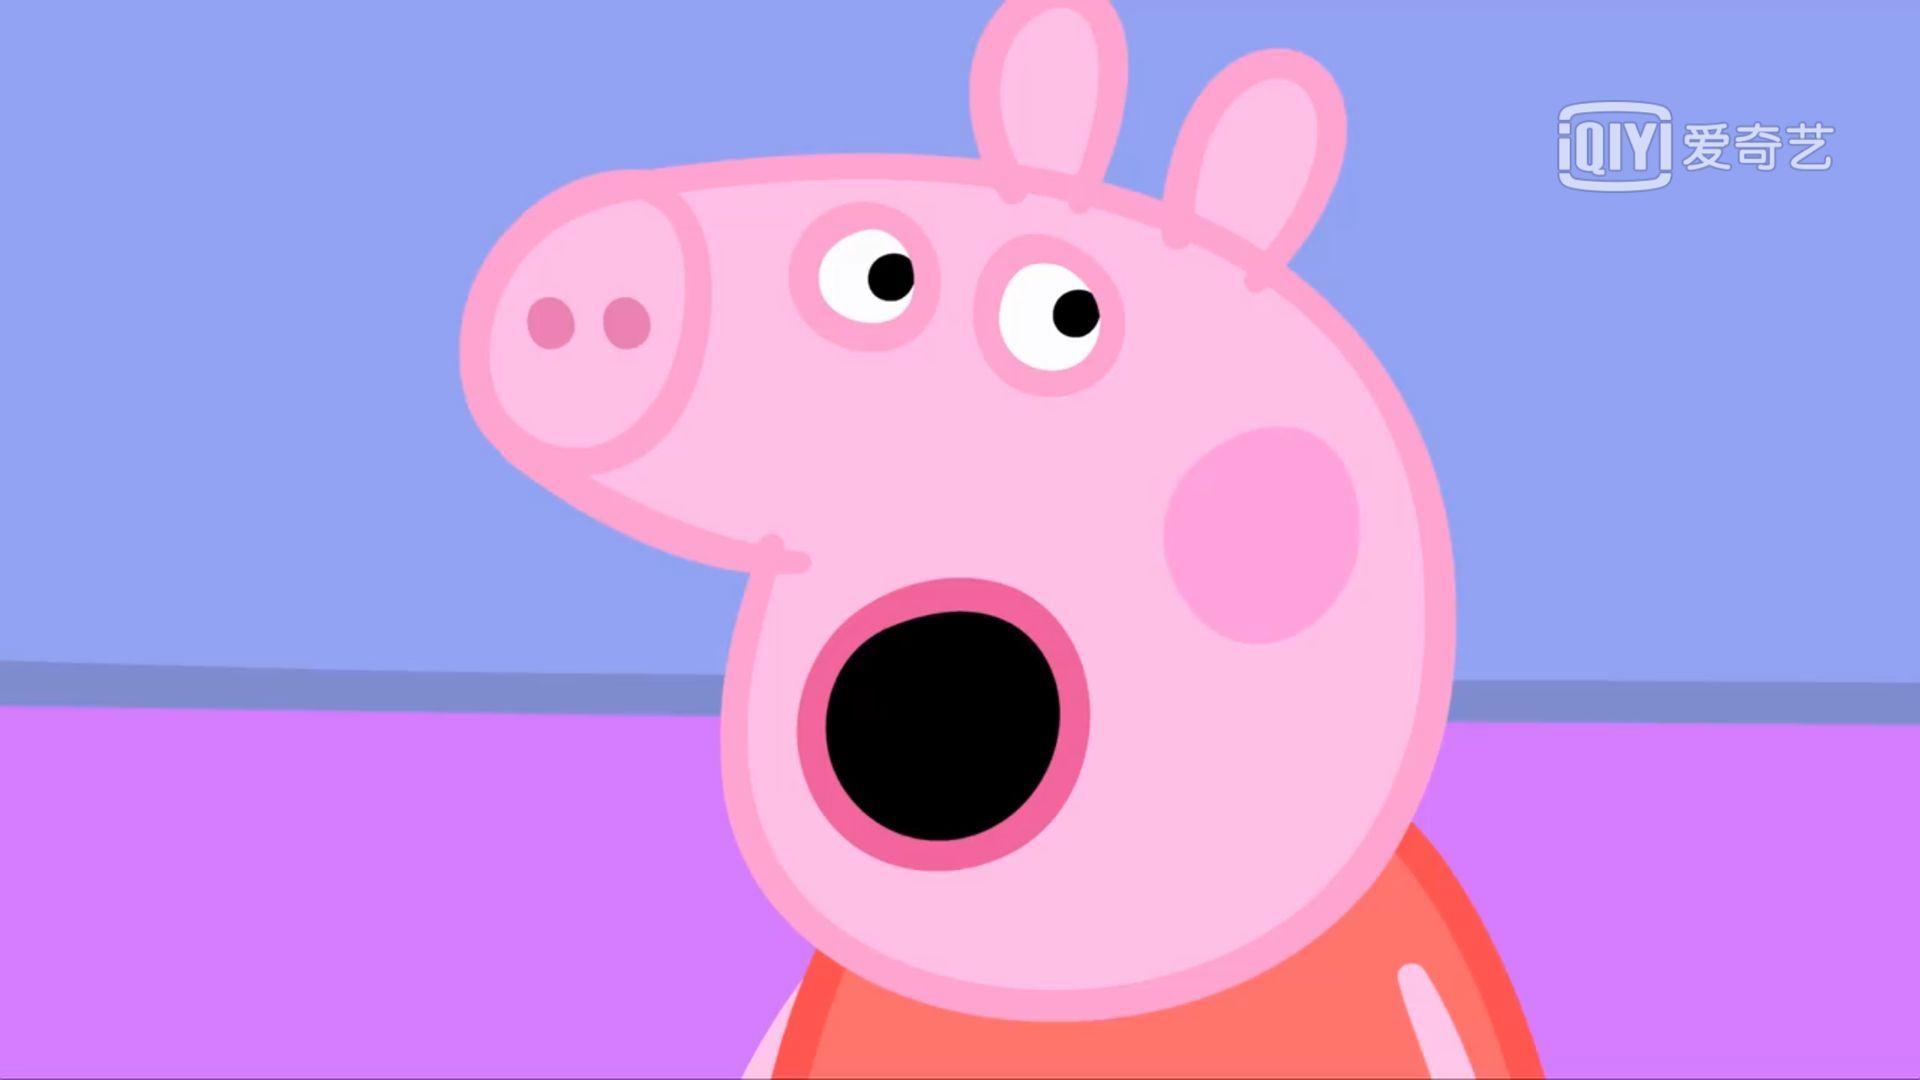 一脸懵逼的小猪佩奇